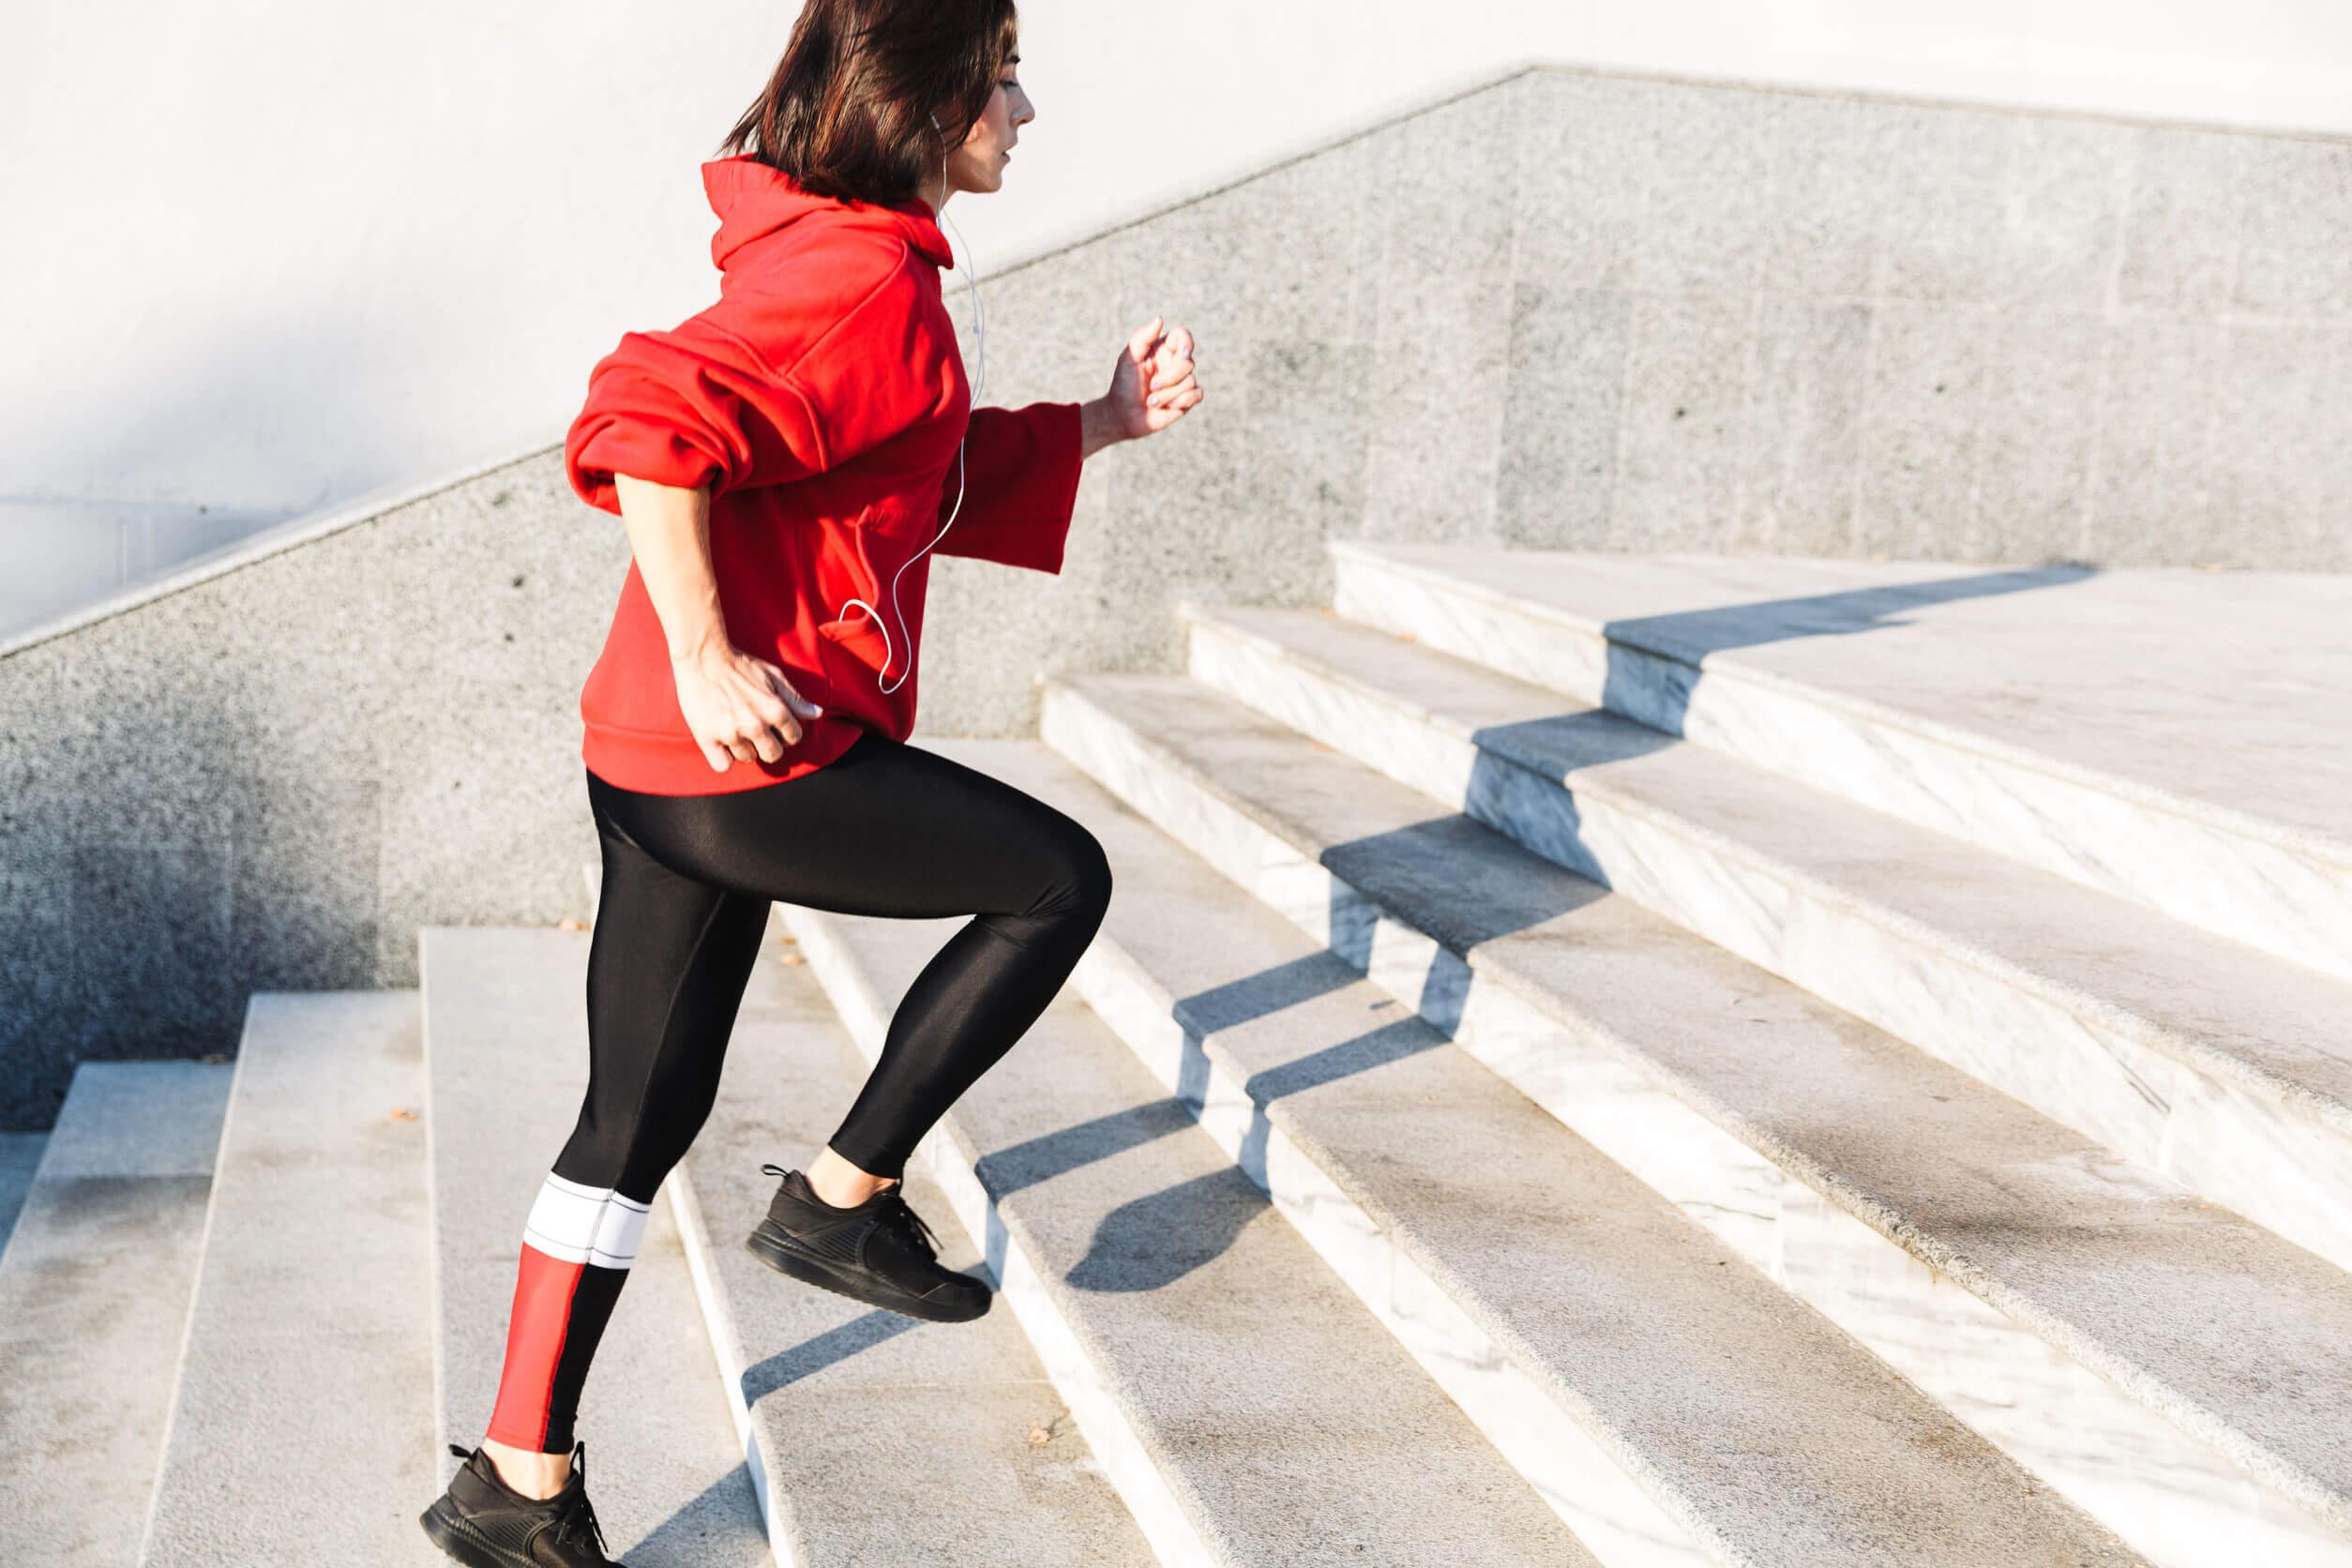 Los cambios del metabolismo se logran mediante adaptaciones del estilo de vida